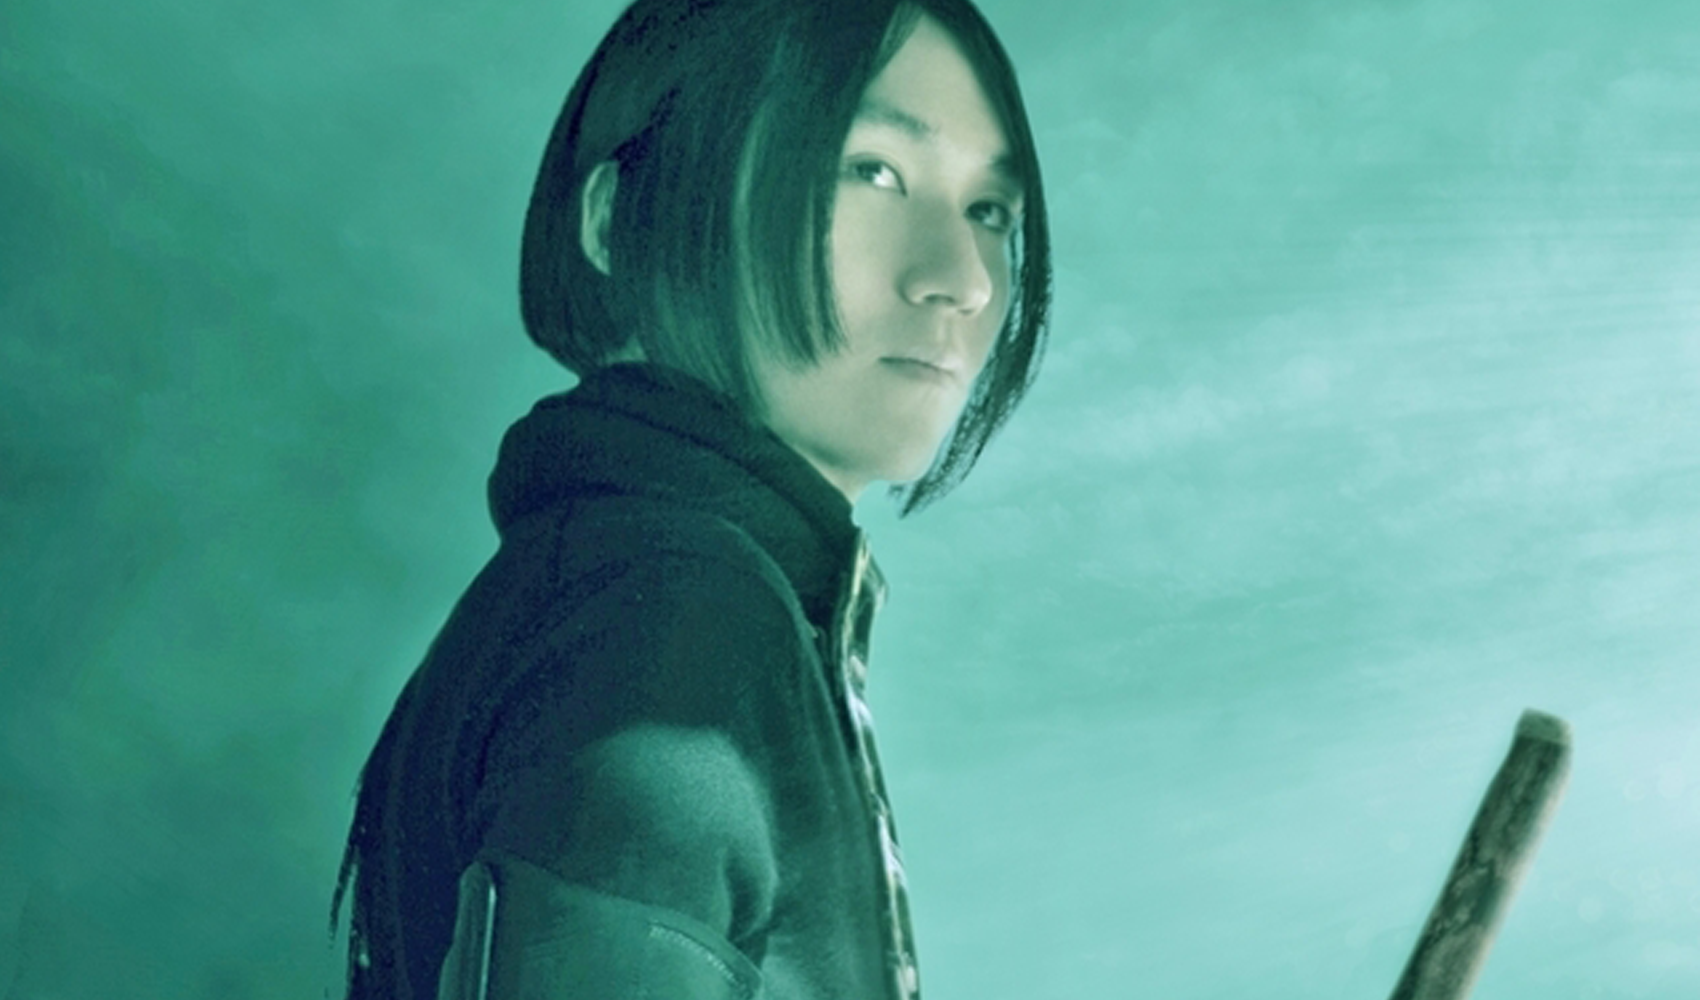 Irie_San_02